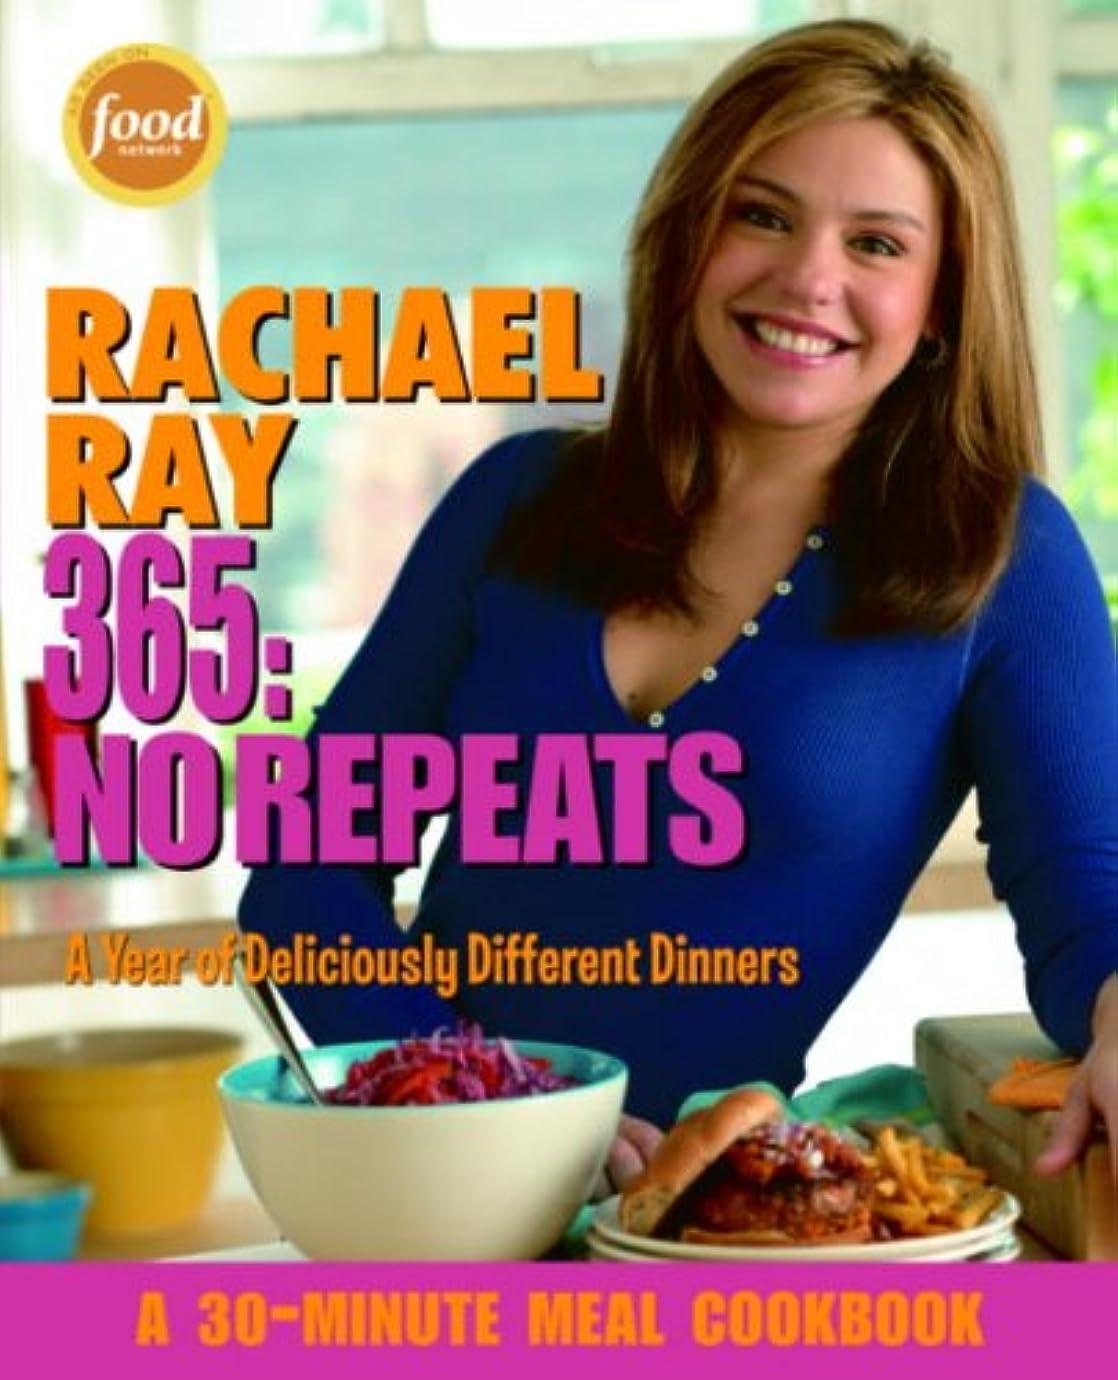 ねばねば出演者主観的Rachael Ray 365: No Repeats: A Year of Deliciously Different Dinners (A 30-Minute Meal Cookbook) (English Edition)